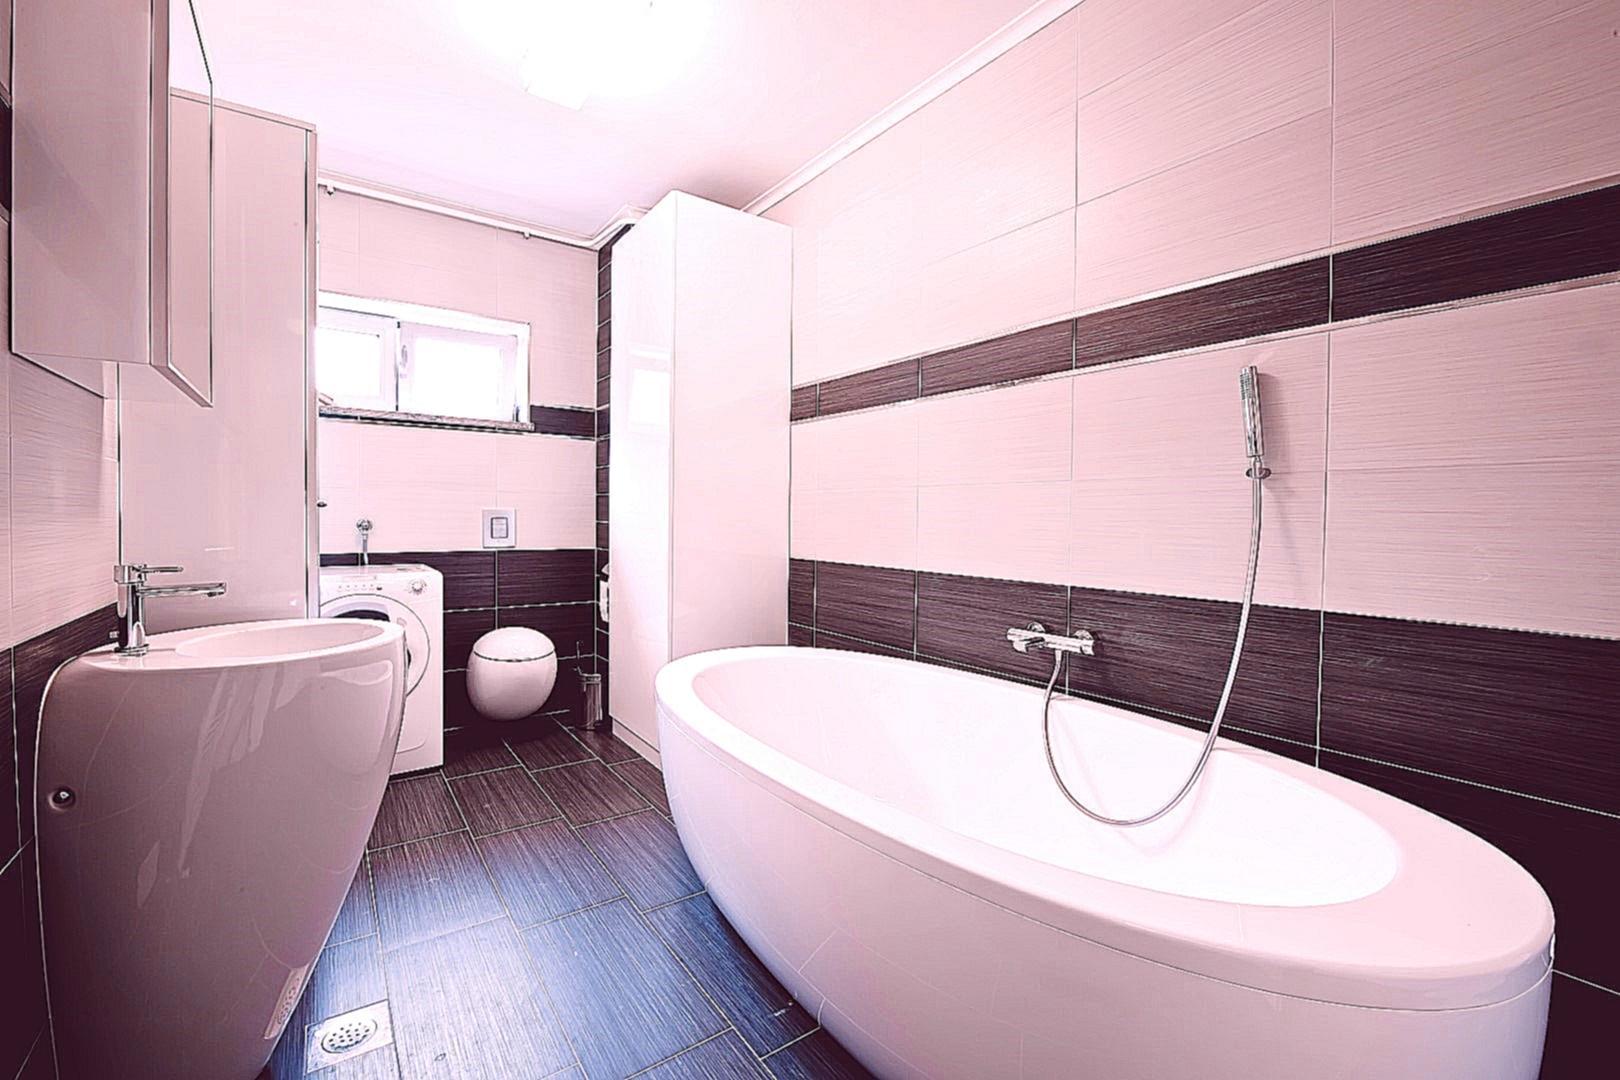 Объем для стальной и акриловой ванны 150 см является примерно одинаковым